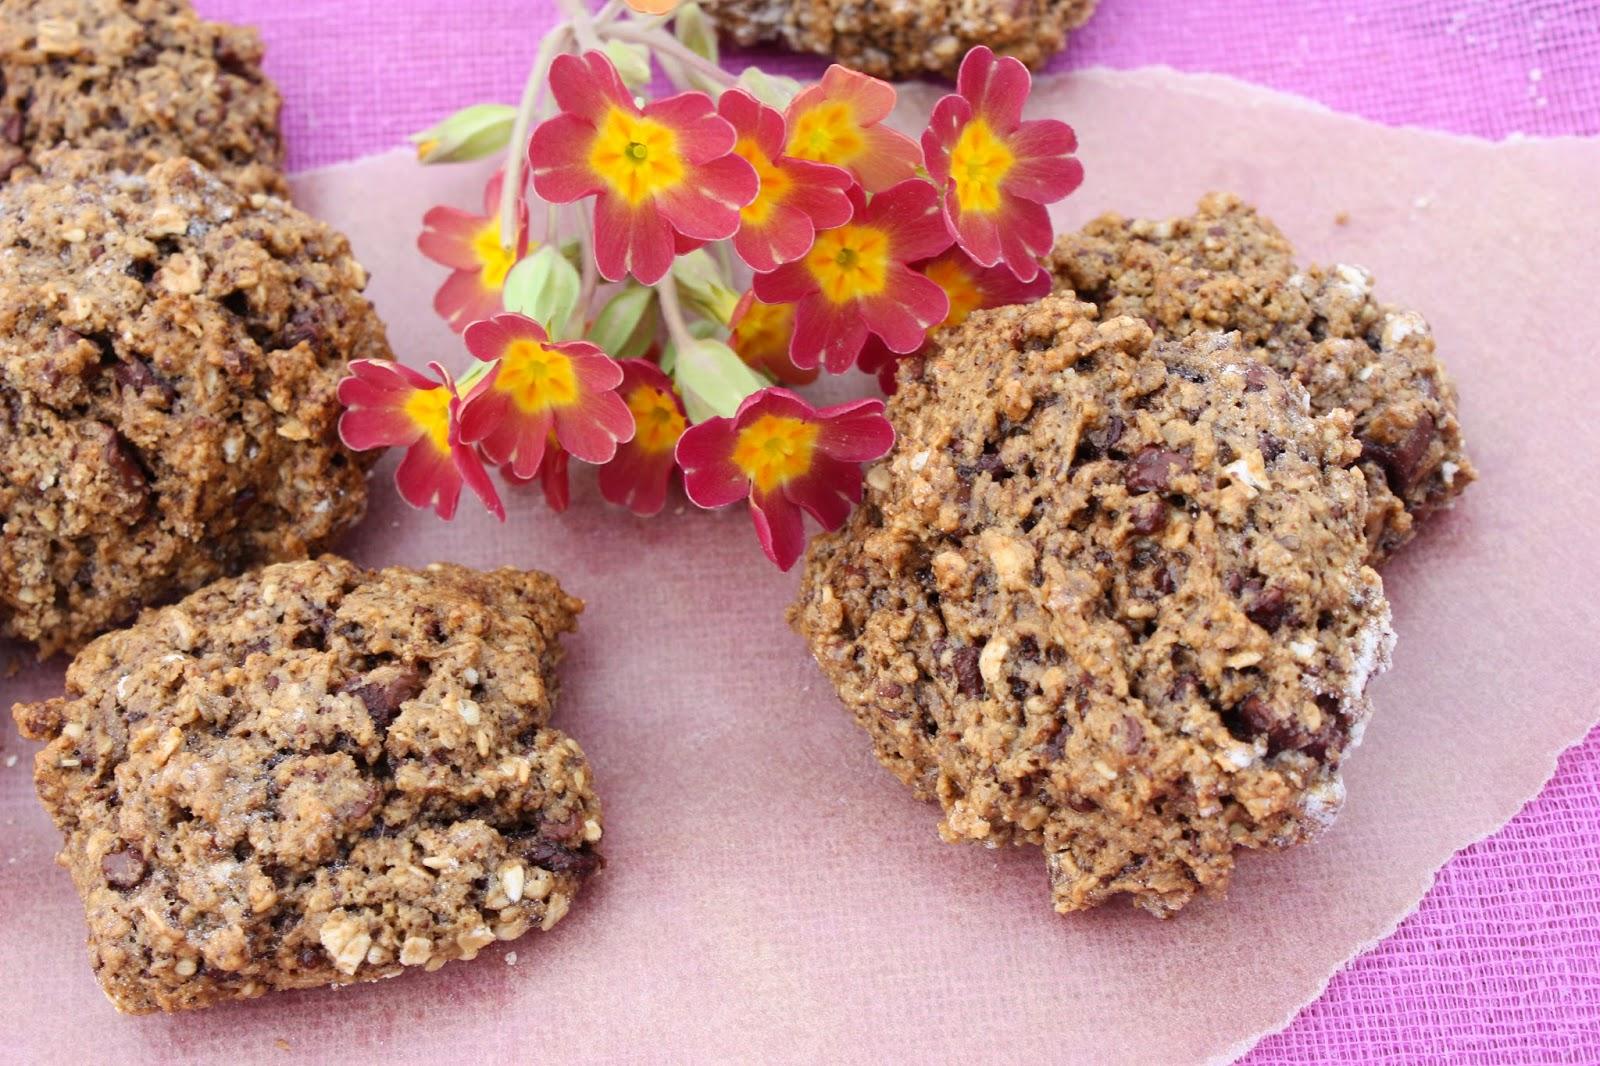 http://cocottechlorophylle.blogspot.fr/2014/03/cookies-au-chocolat-graines-de-sesame.html